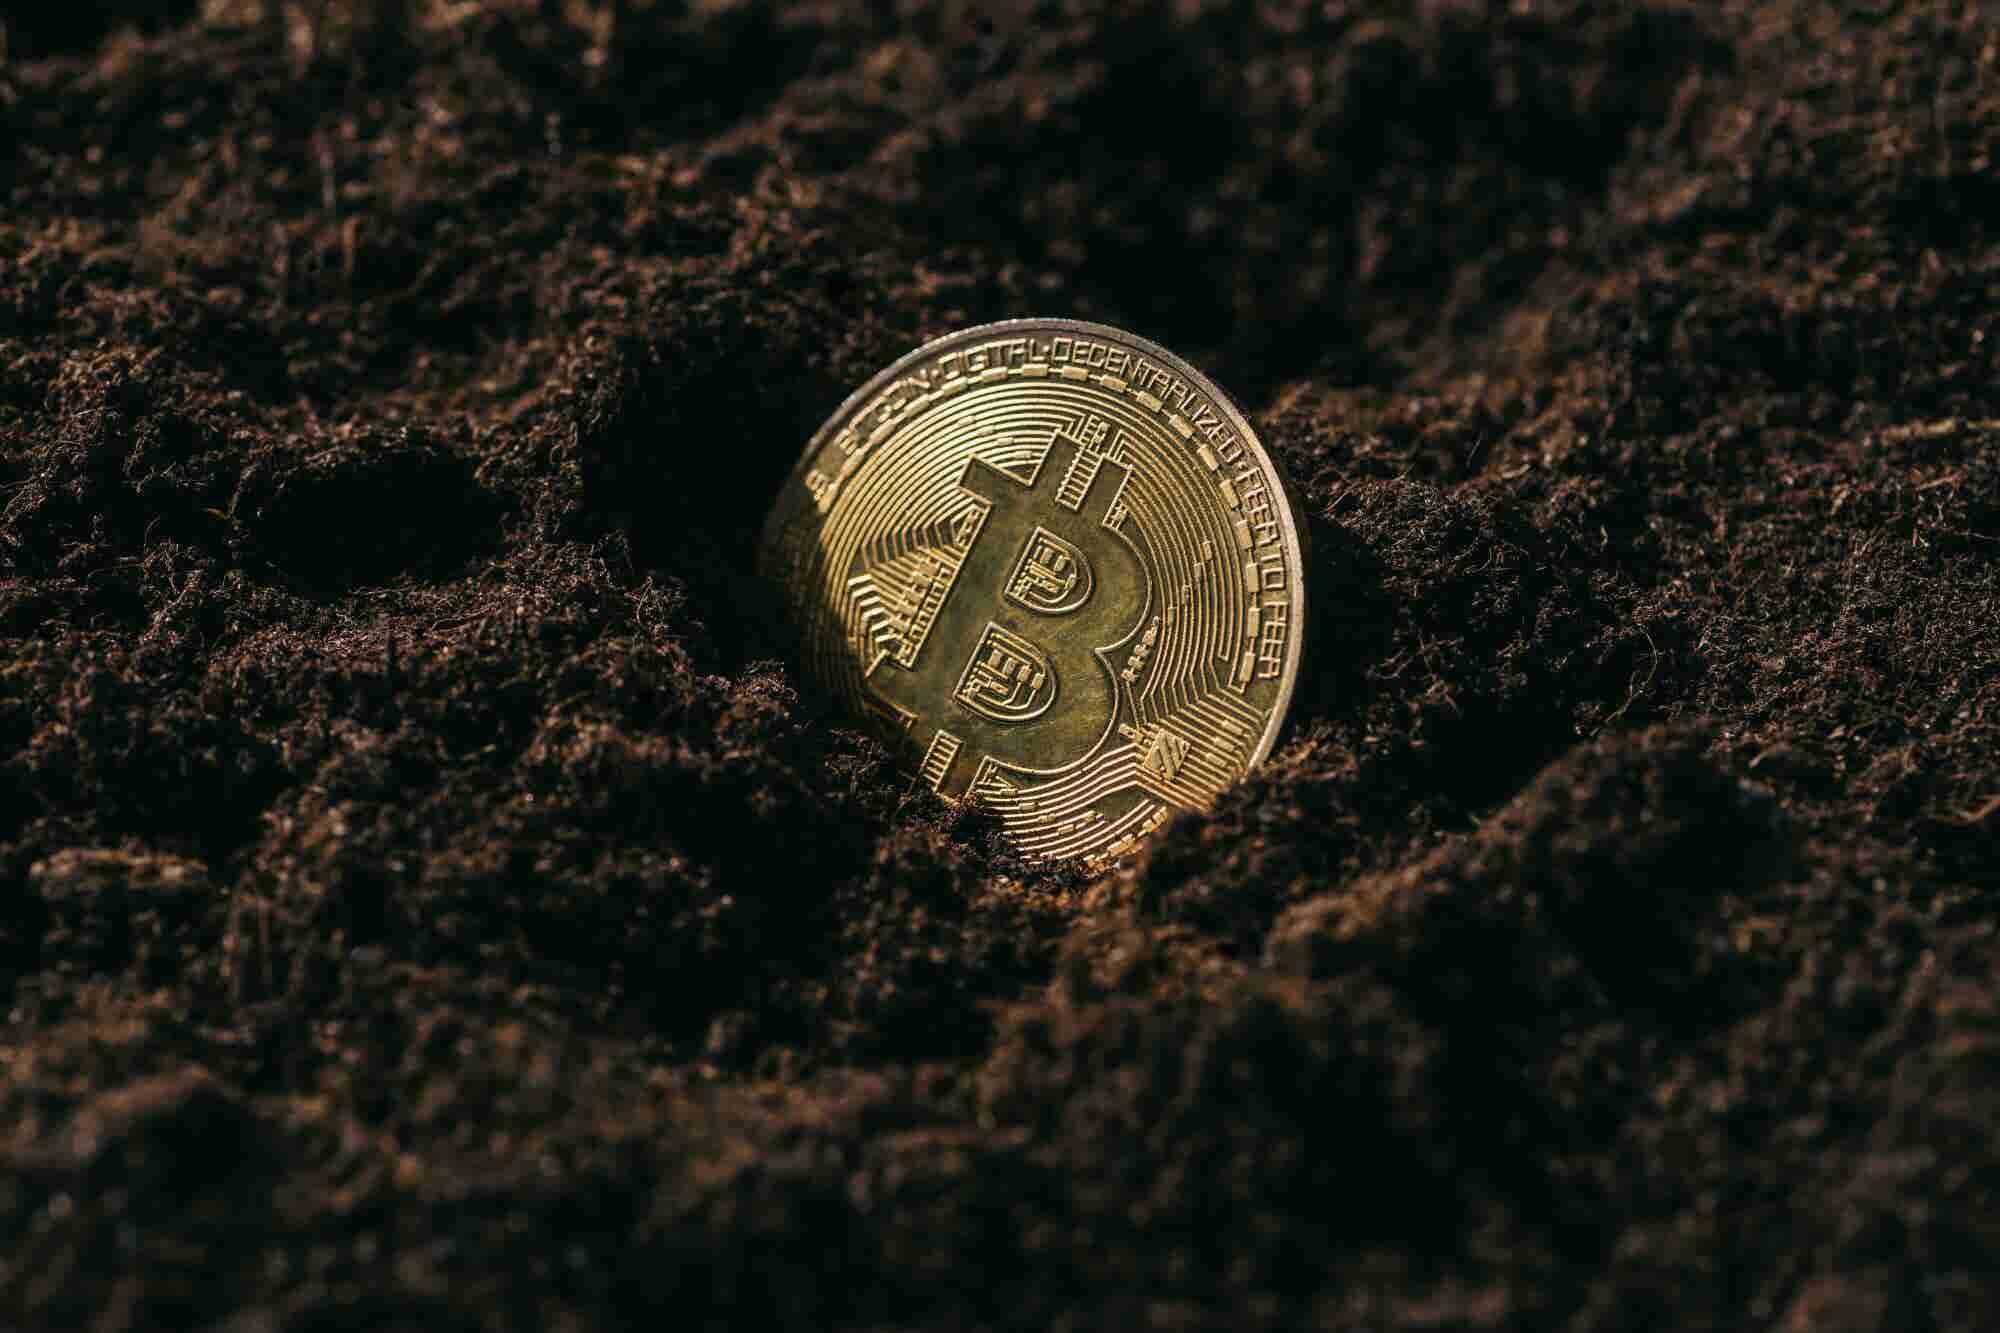 El misterio se profundiza: desaparecen todas las bitcoins de una criptobolsa tras la muerte de su creador